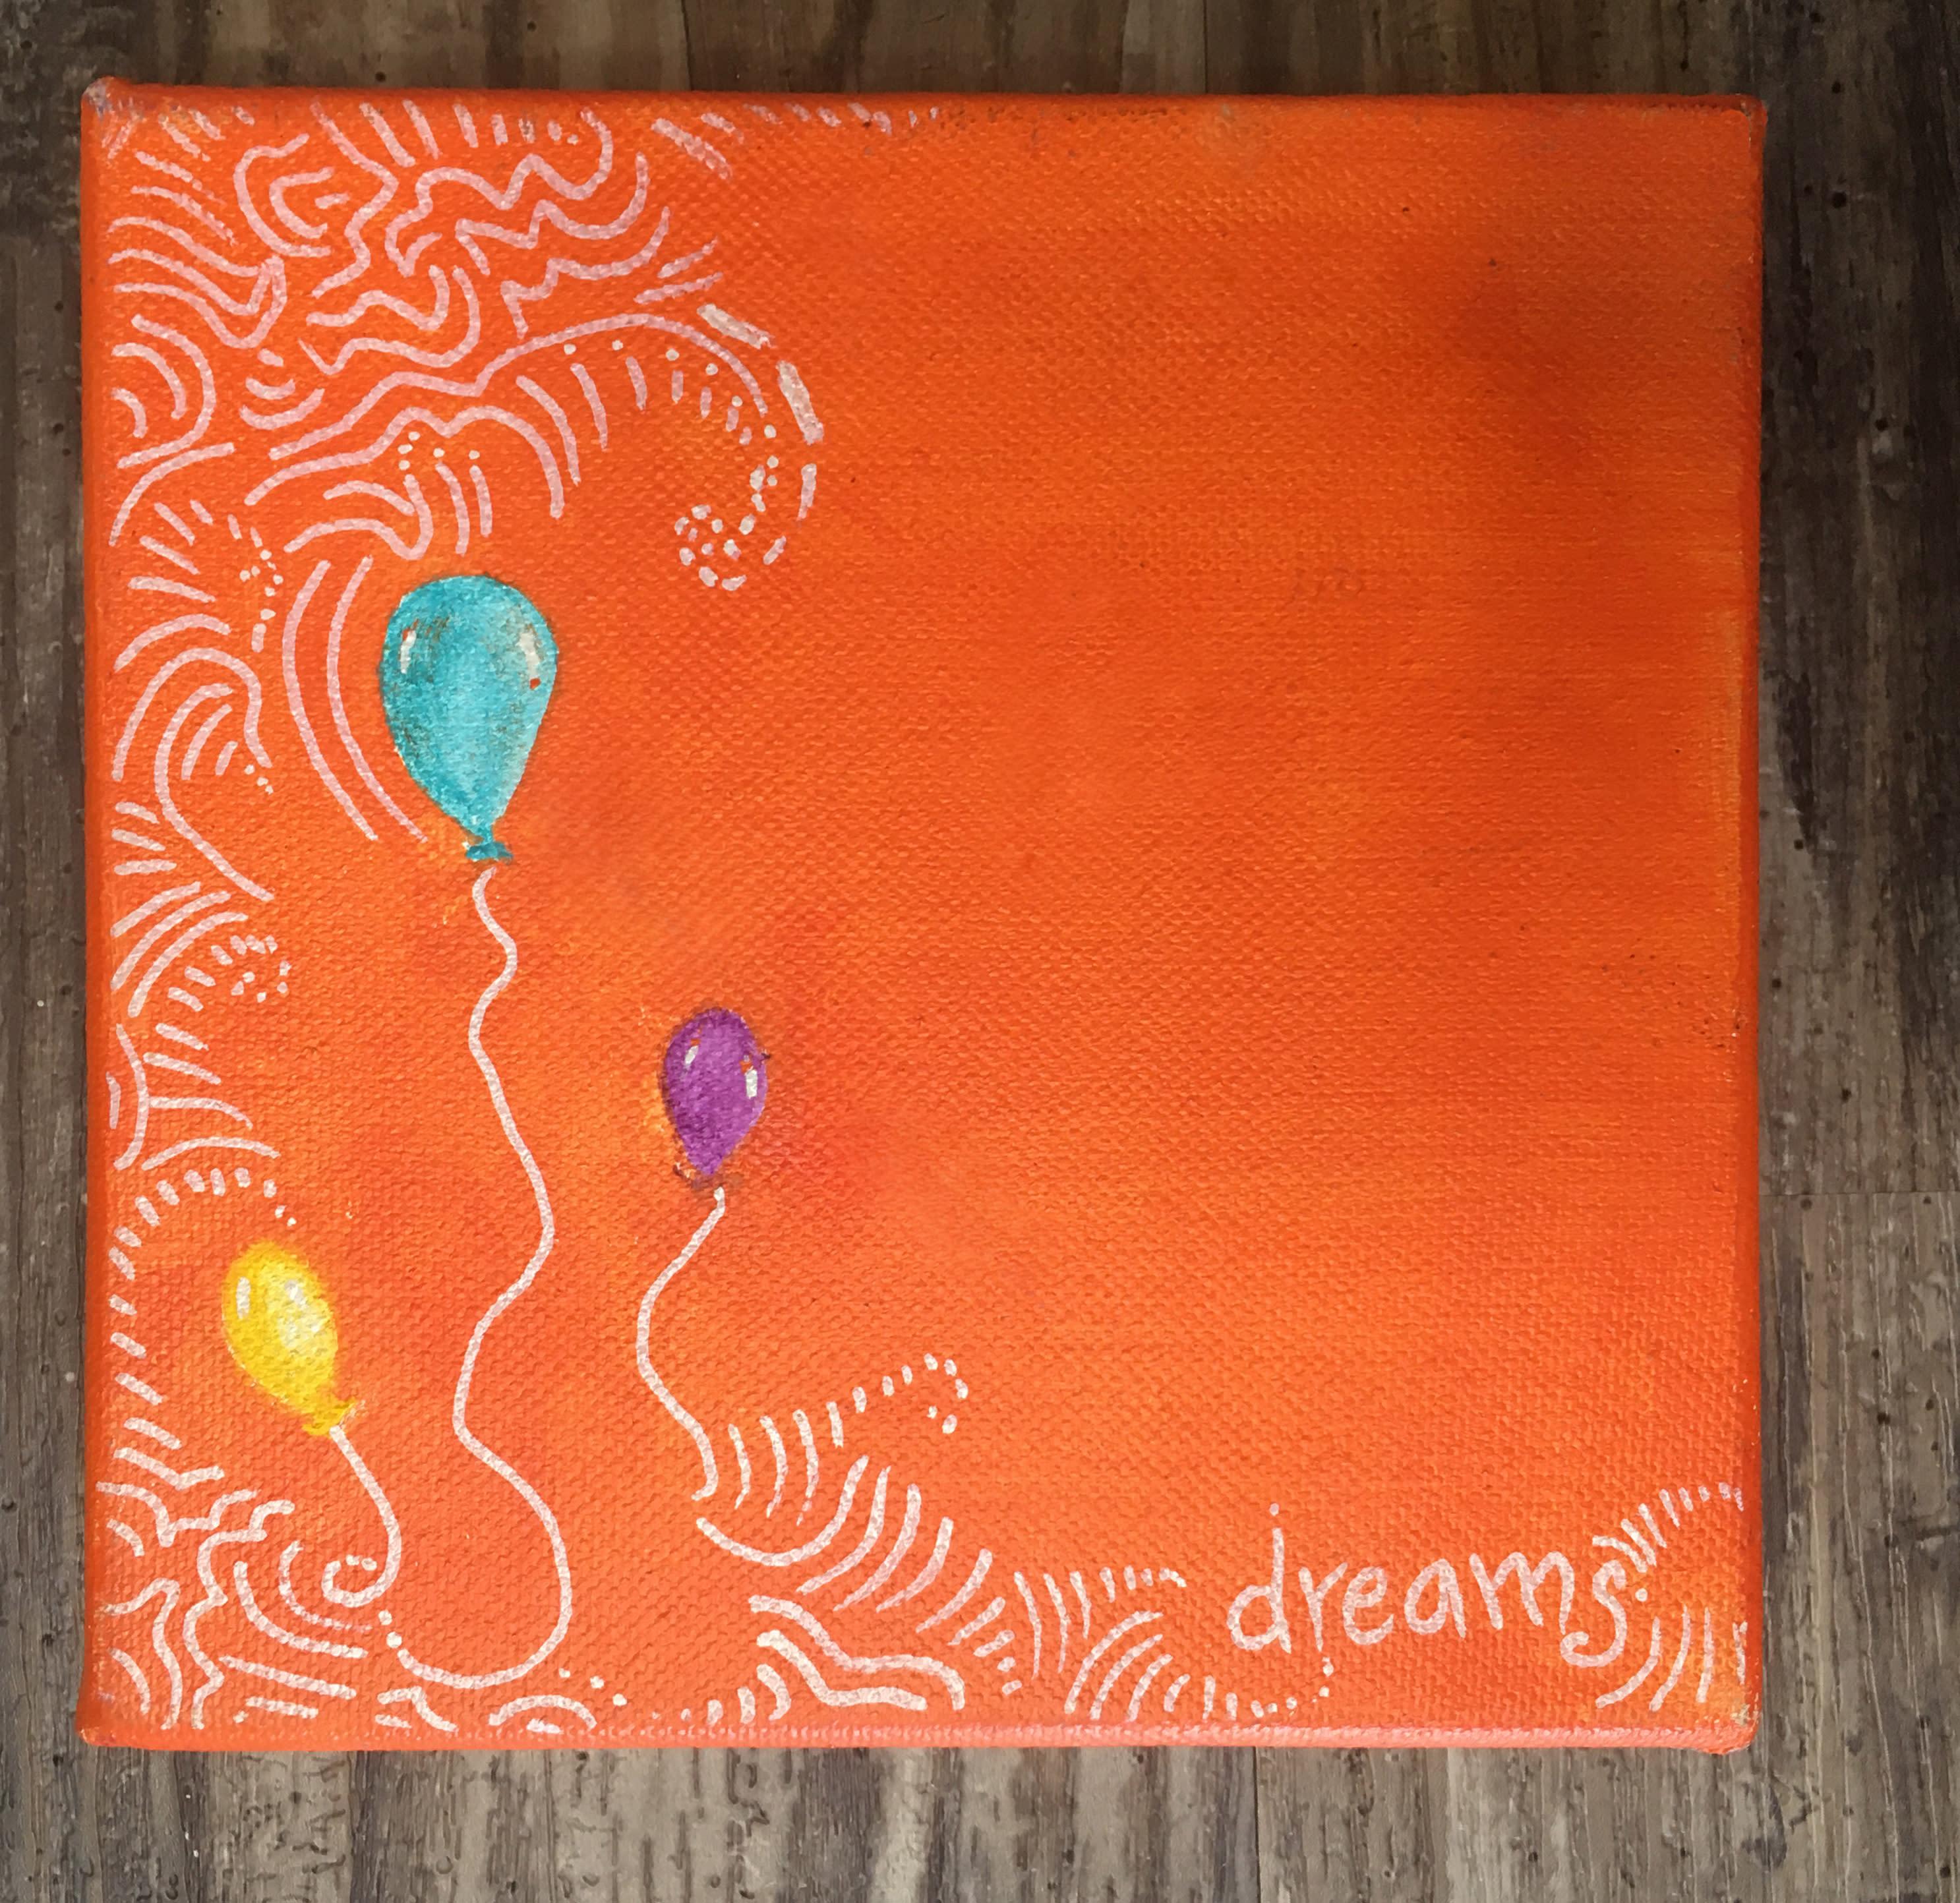 Dreams urtev5